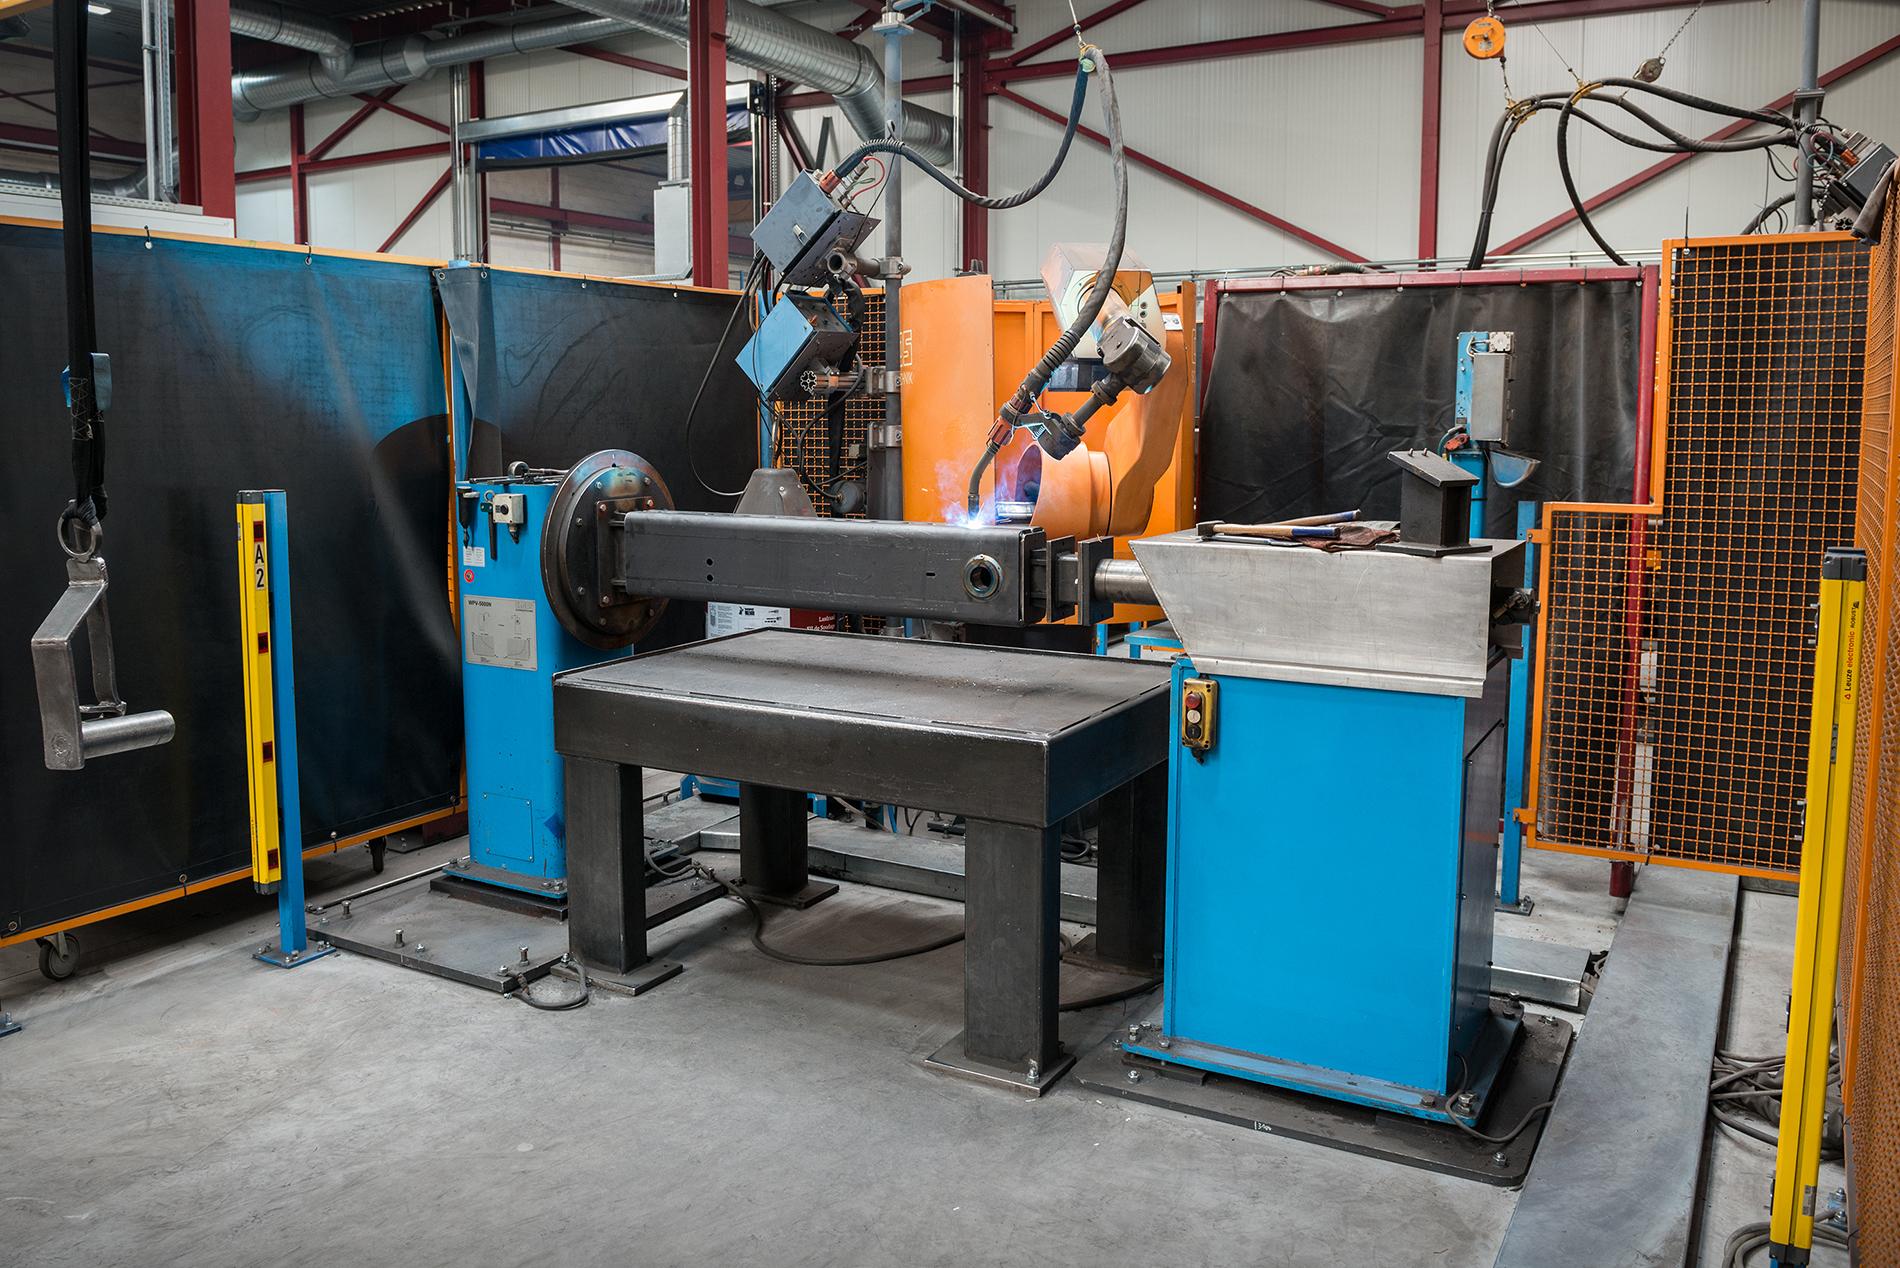 Robot Welding CLOOS Delwi Groenink